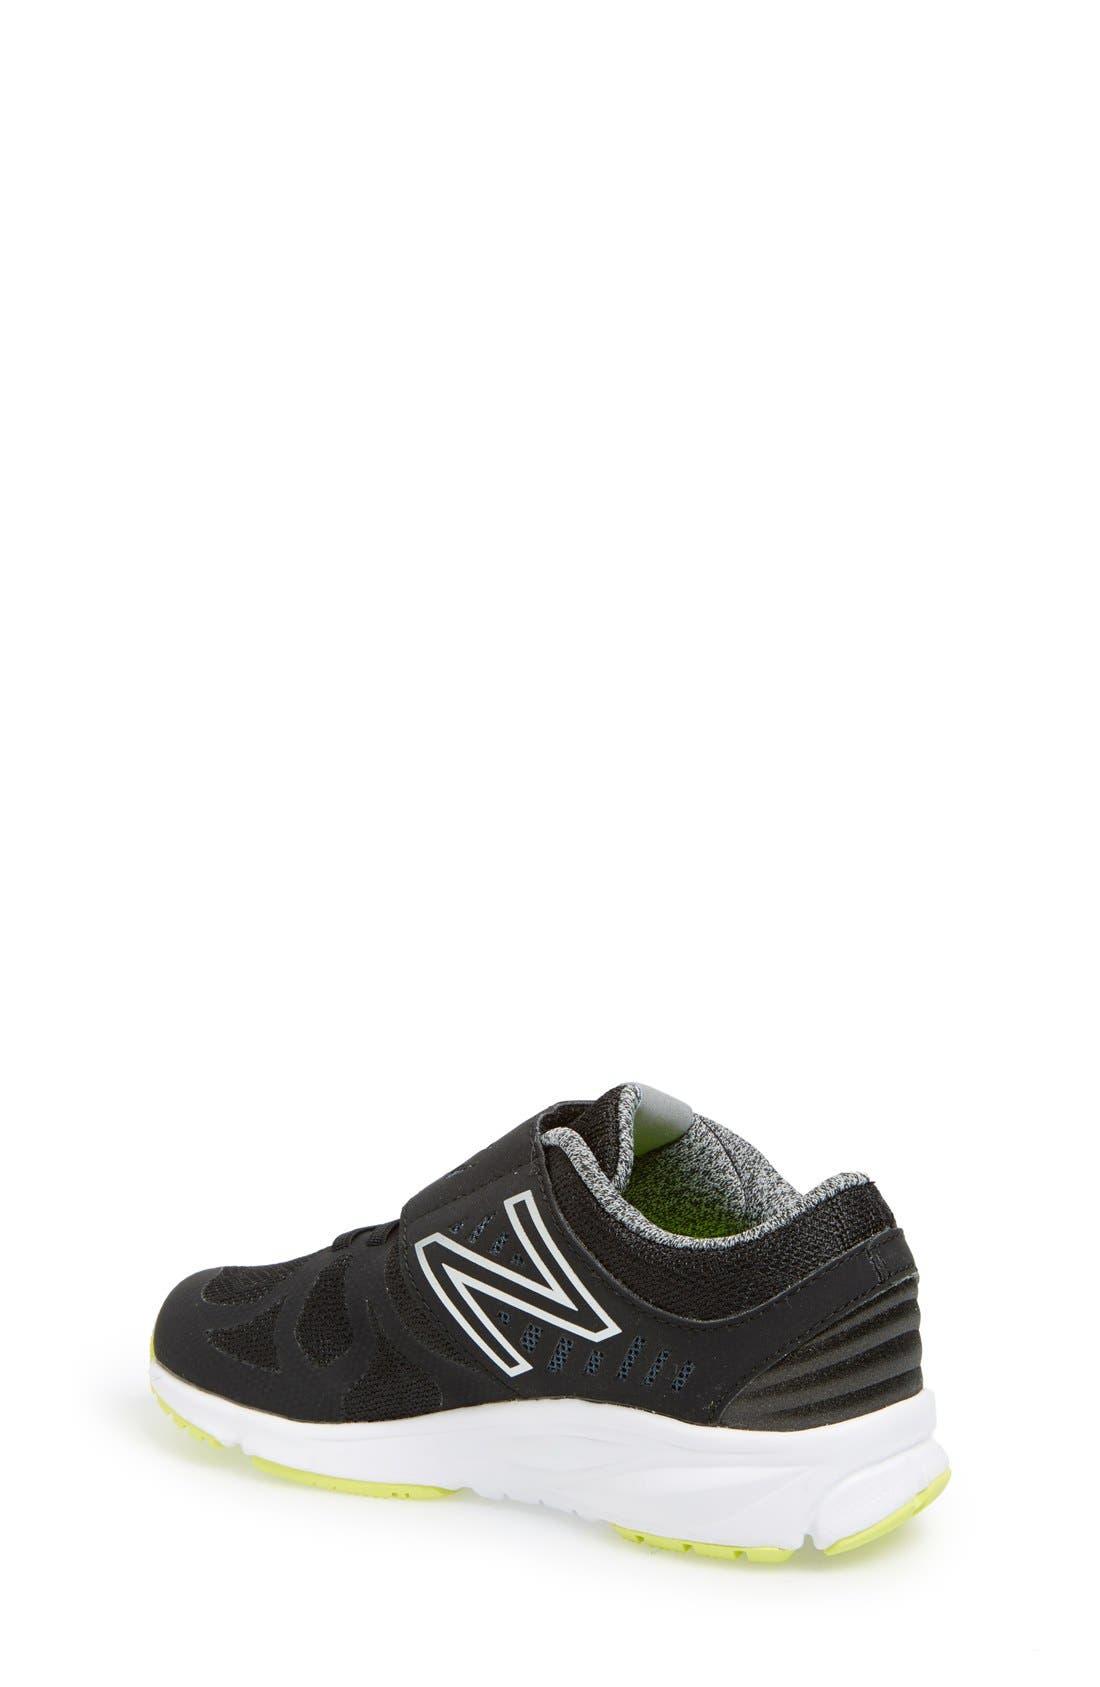 'Vazee Rush 200' Athletic Shoe,                             Alternate thumbnail 2, color,                             Black